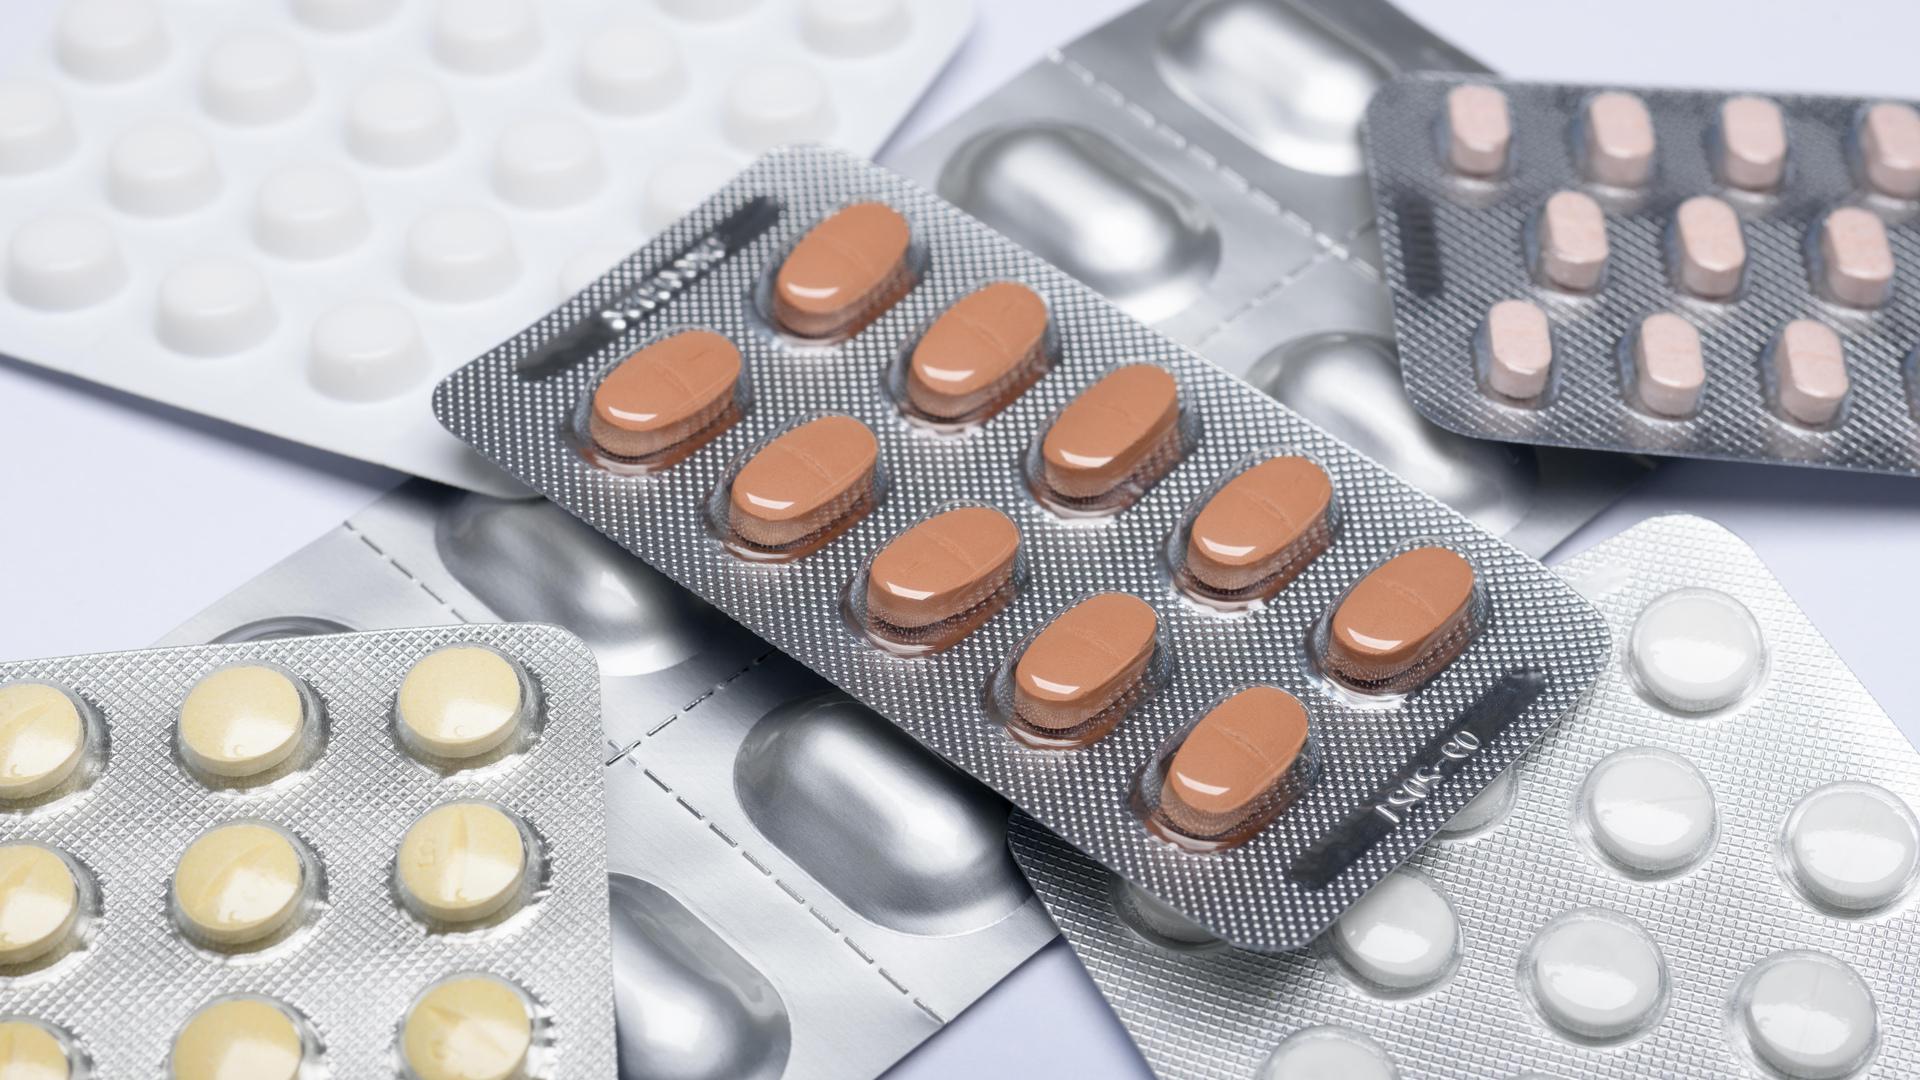 Незарегистрированные лекарства